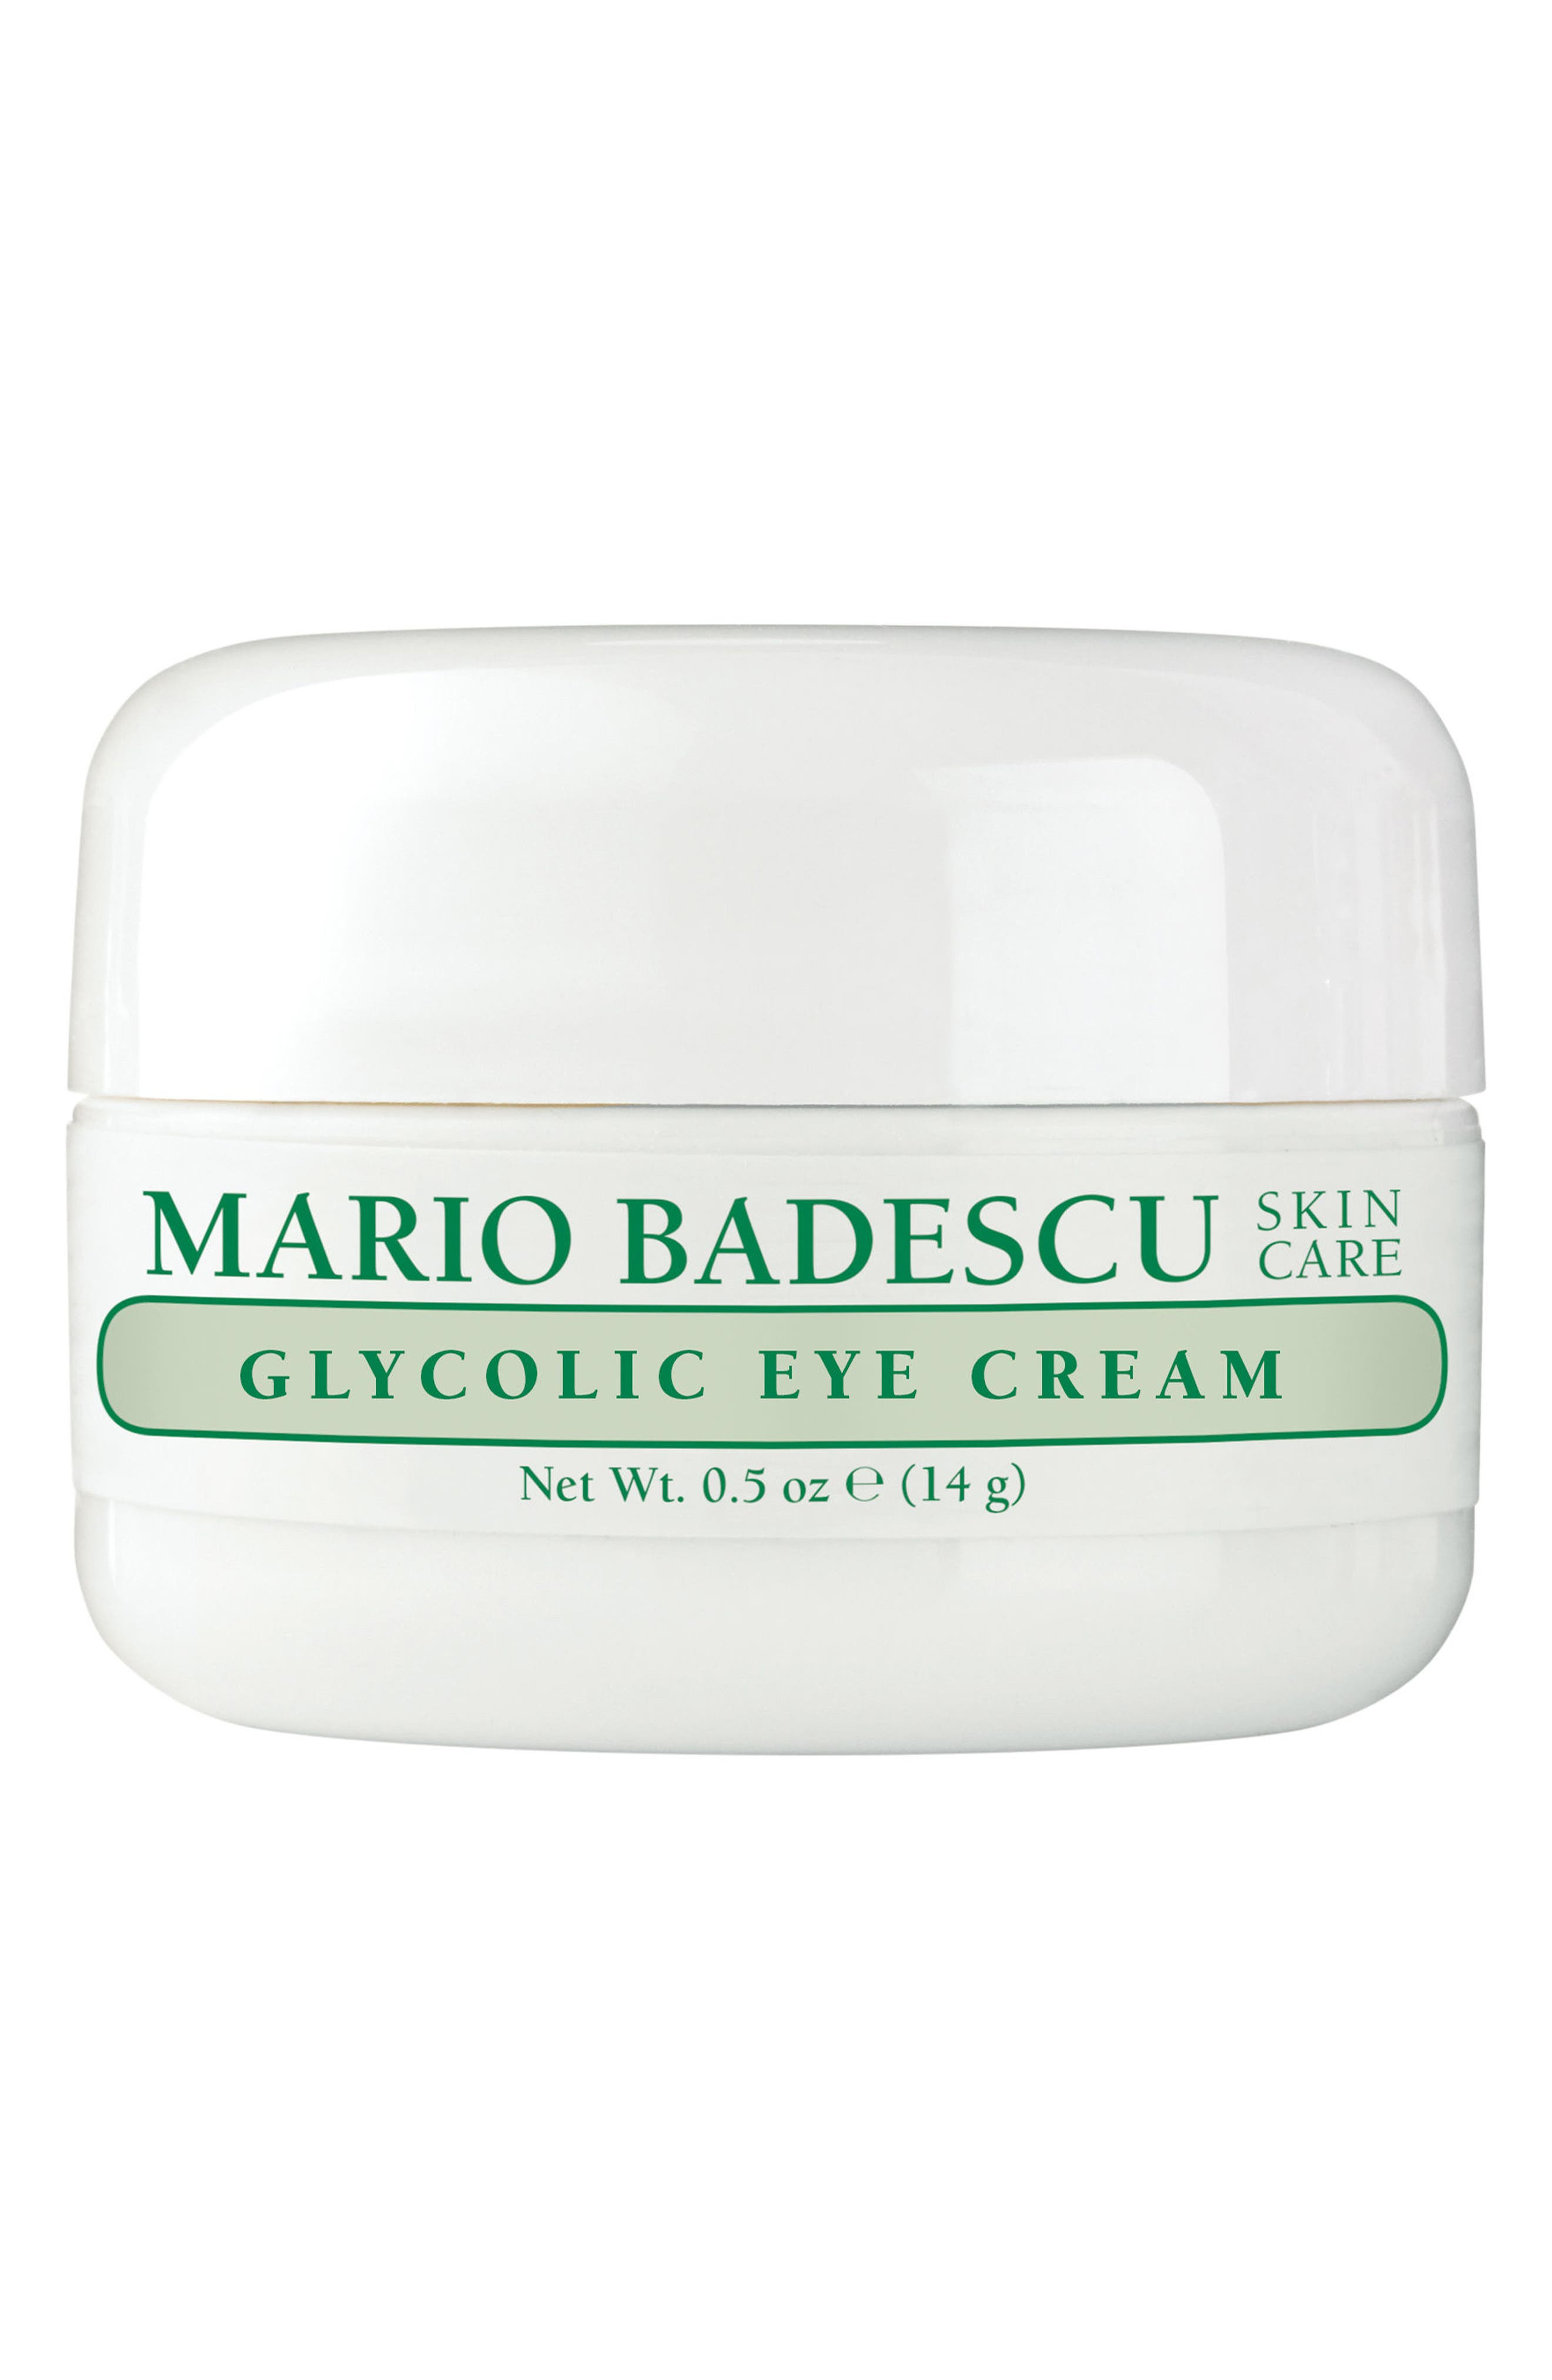 MARIO BADESCU, Glycolic Eye Cream, Main thumbnail 1, color, NO COLOR